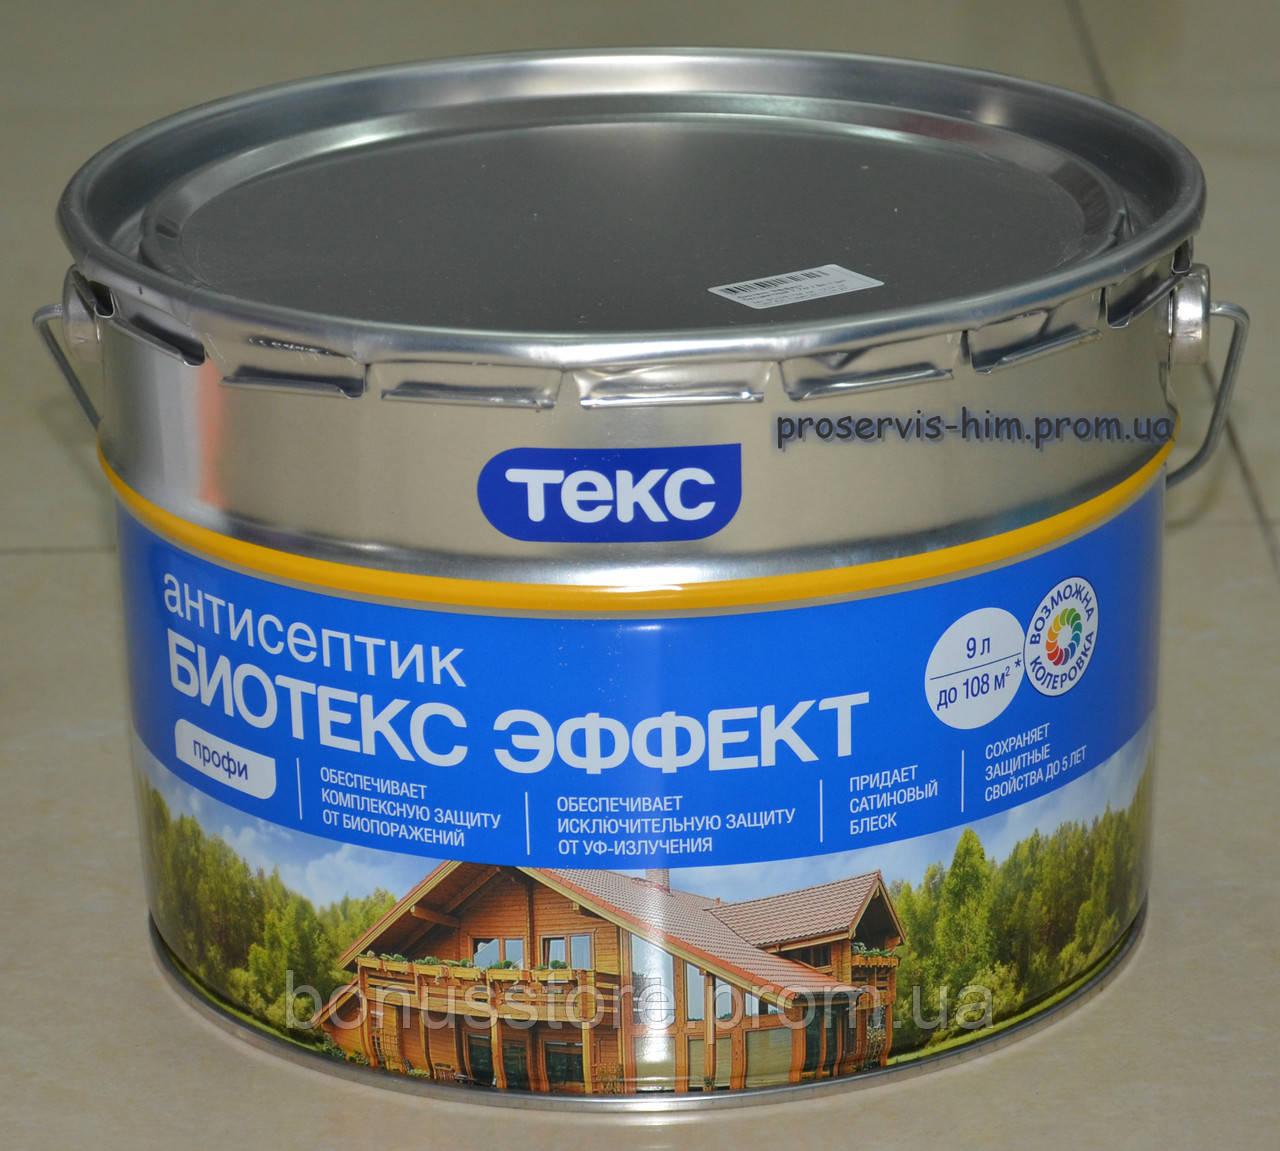 Биотекс Эффект Профи 9л - ПРОФ-ХИМ express в Виннице